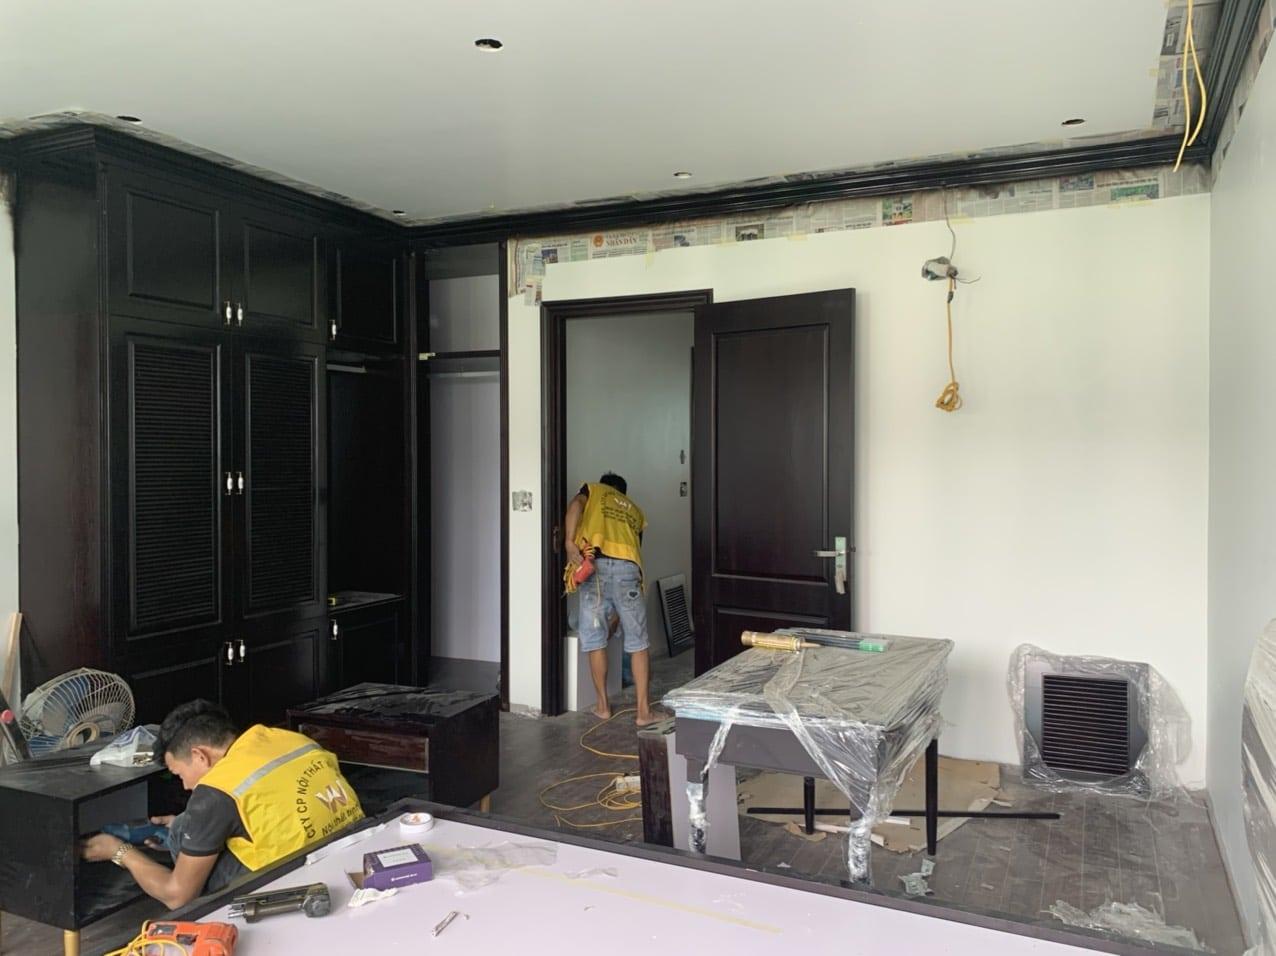 Thiết kế kiến trúc nội thất - thi công nội thất Ecopark Hải Dương - Lắp tủ phong cách Indochine